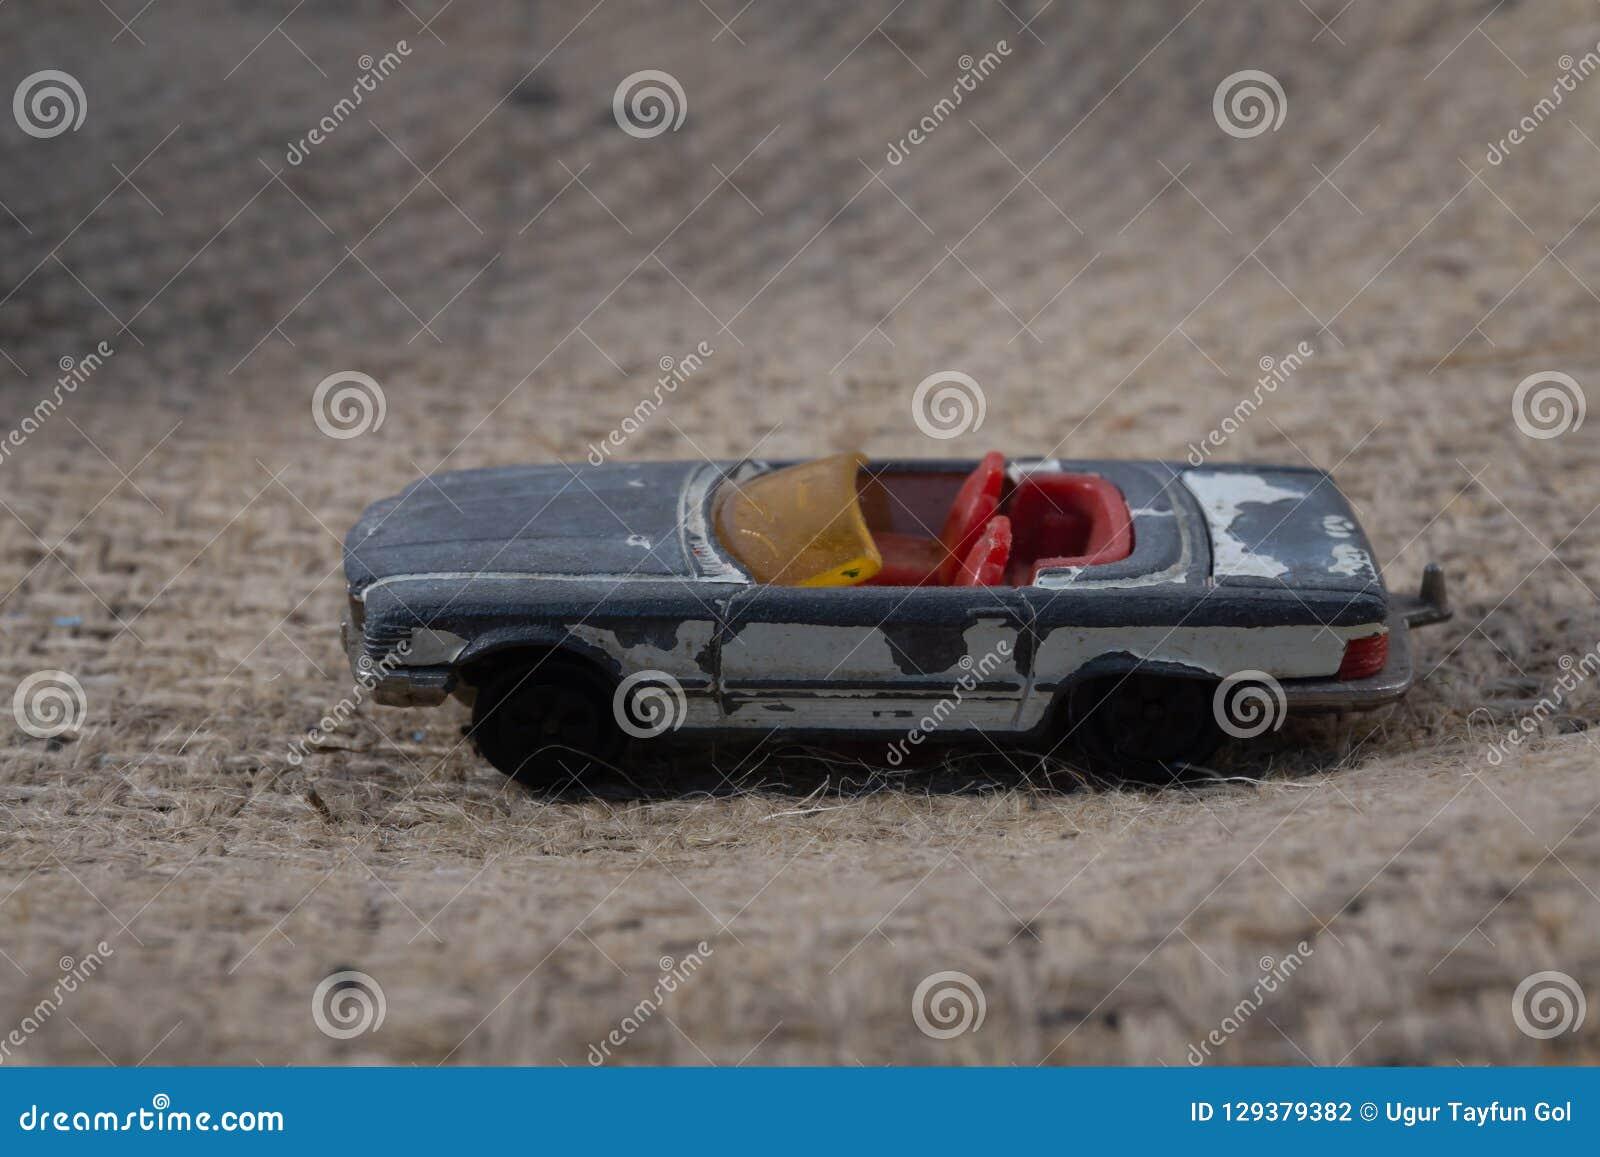 Um carro de metal de Toy From Childhood Broken Old